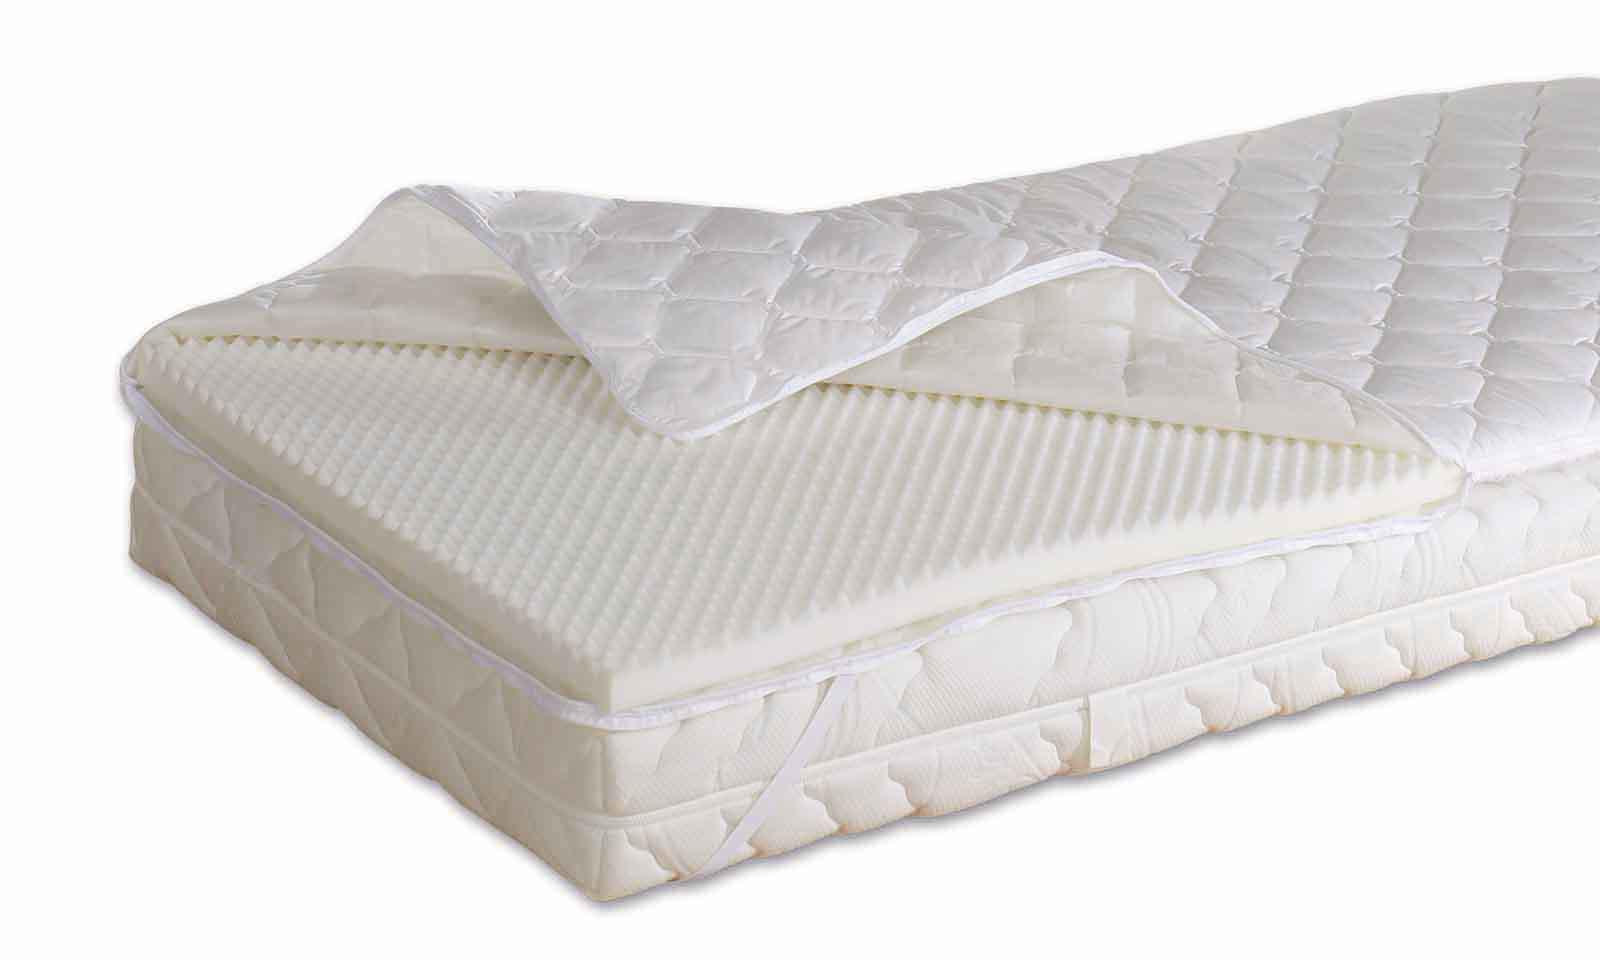 matratzentopper g nstig online kaufen matratzen. Black Bedroom Furniture Sets. Home Design Ideas